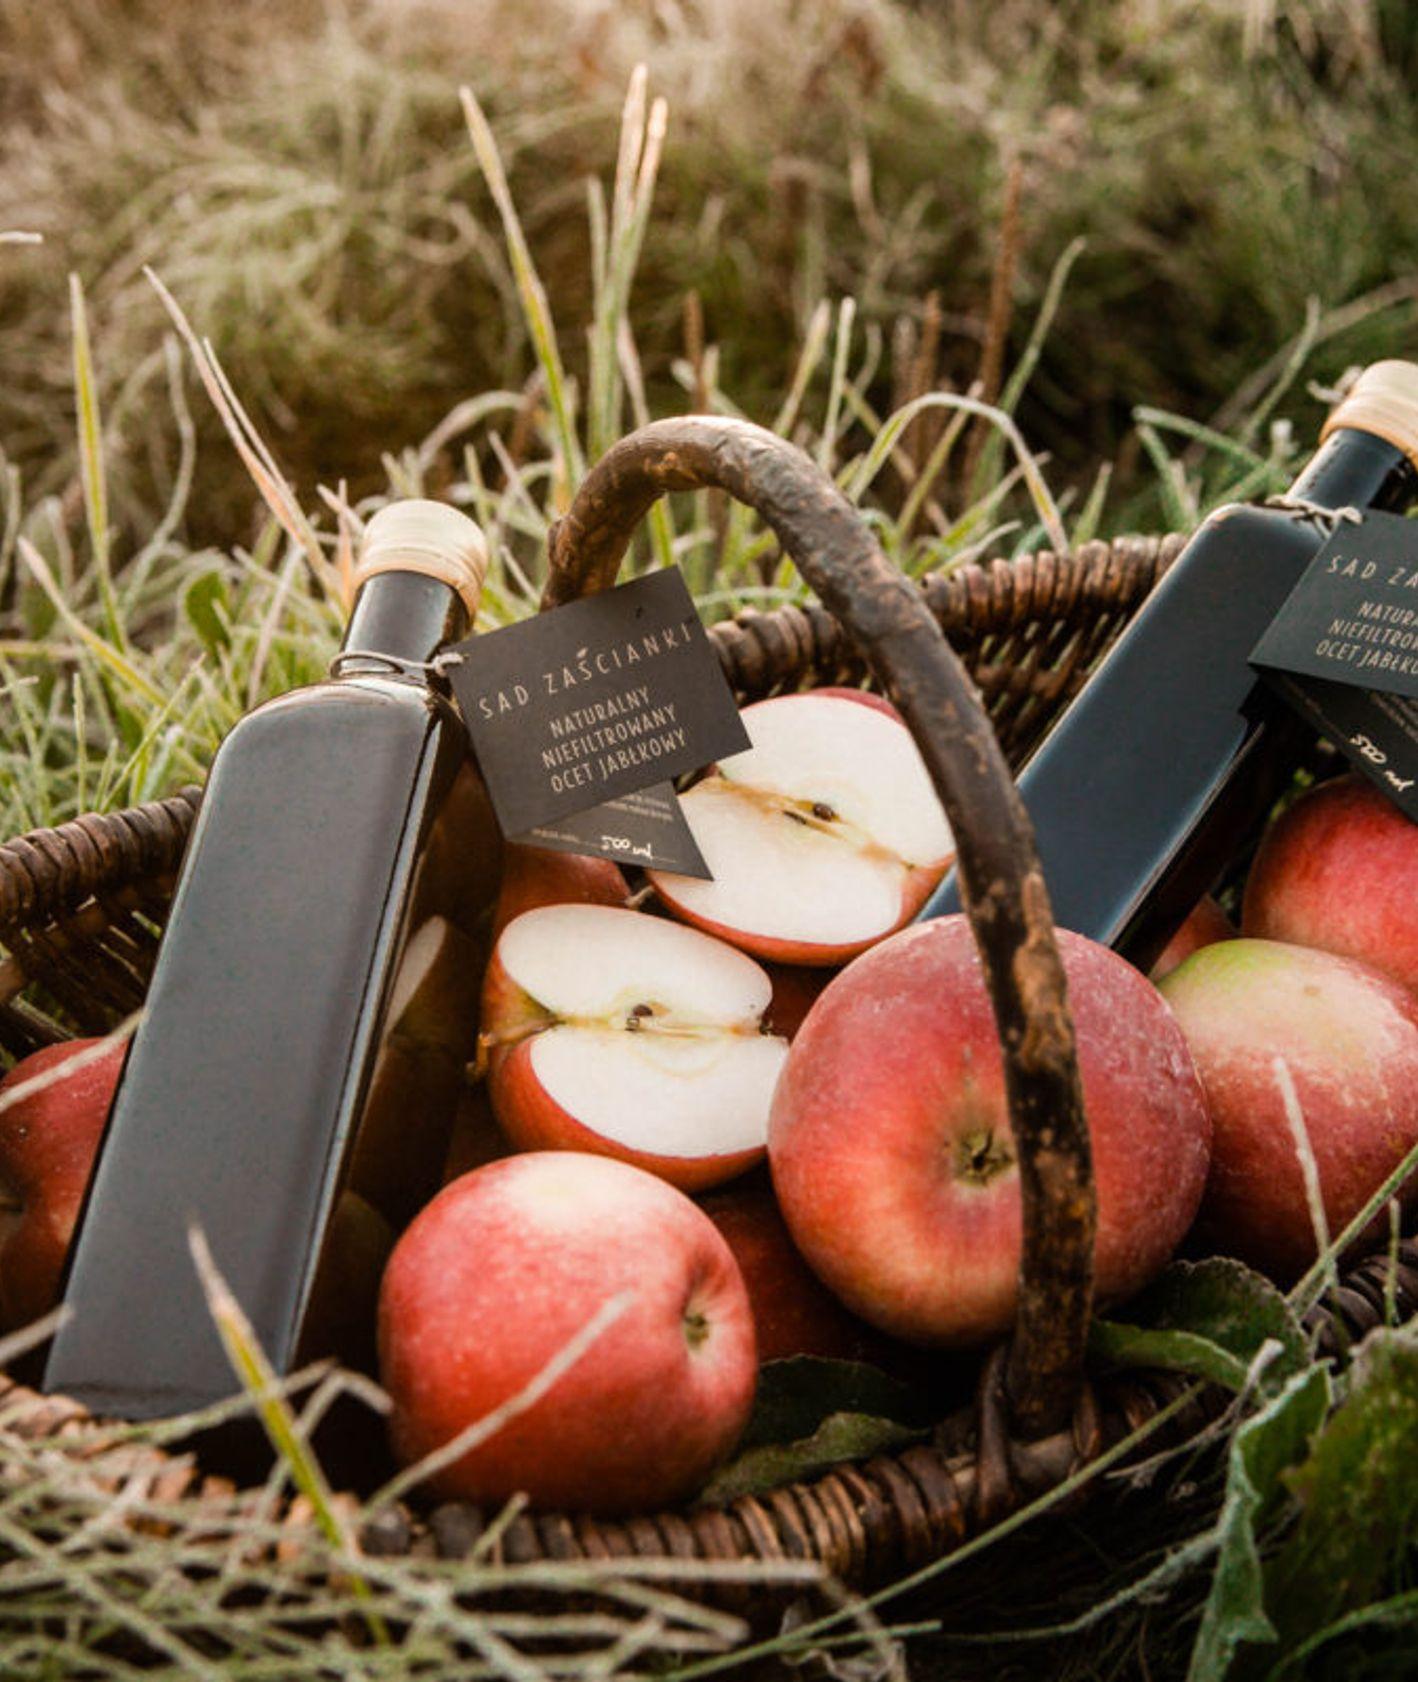 Ocet jabłkowy z Sadu Zaścianki, kosz jabłek